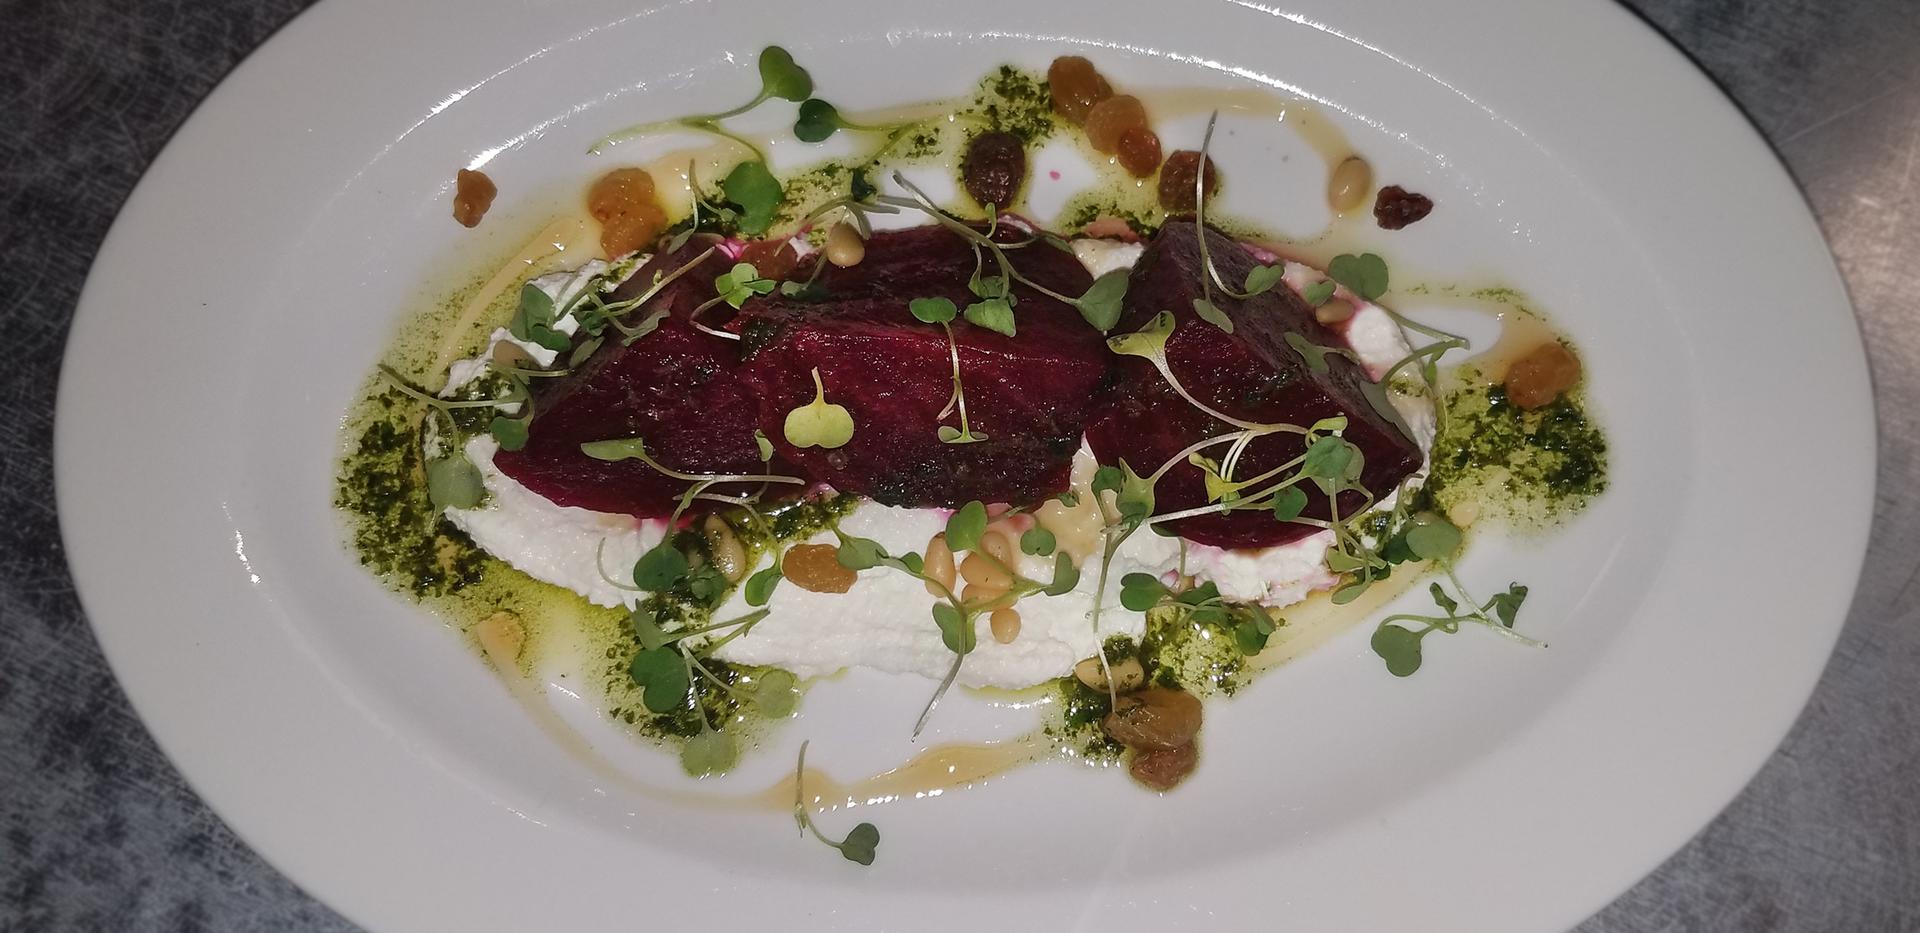 Salt Roasted Beets Salad